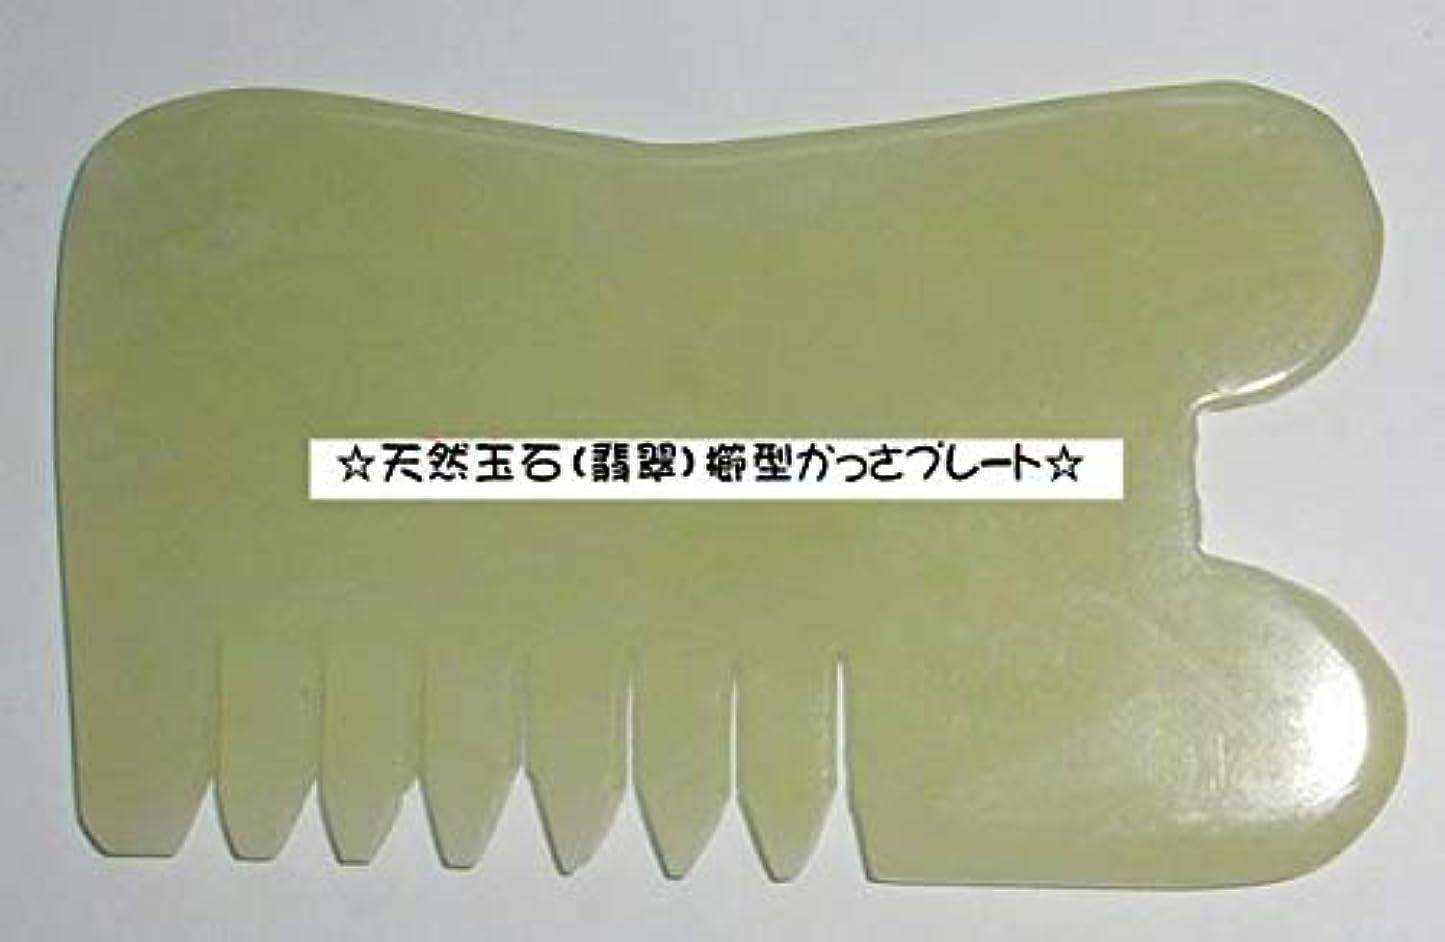 早く通常リネンカッサ 天然石 櫛型?かっさ板 プレート 緑